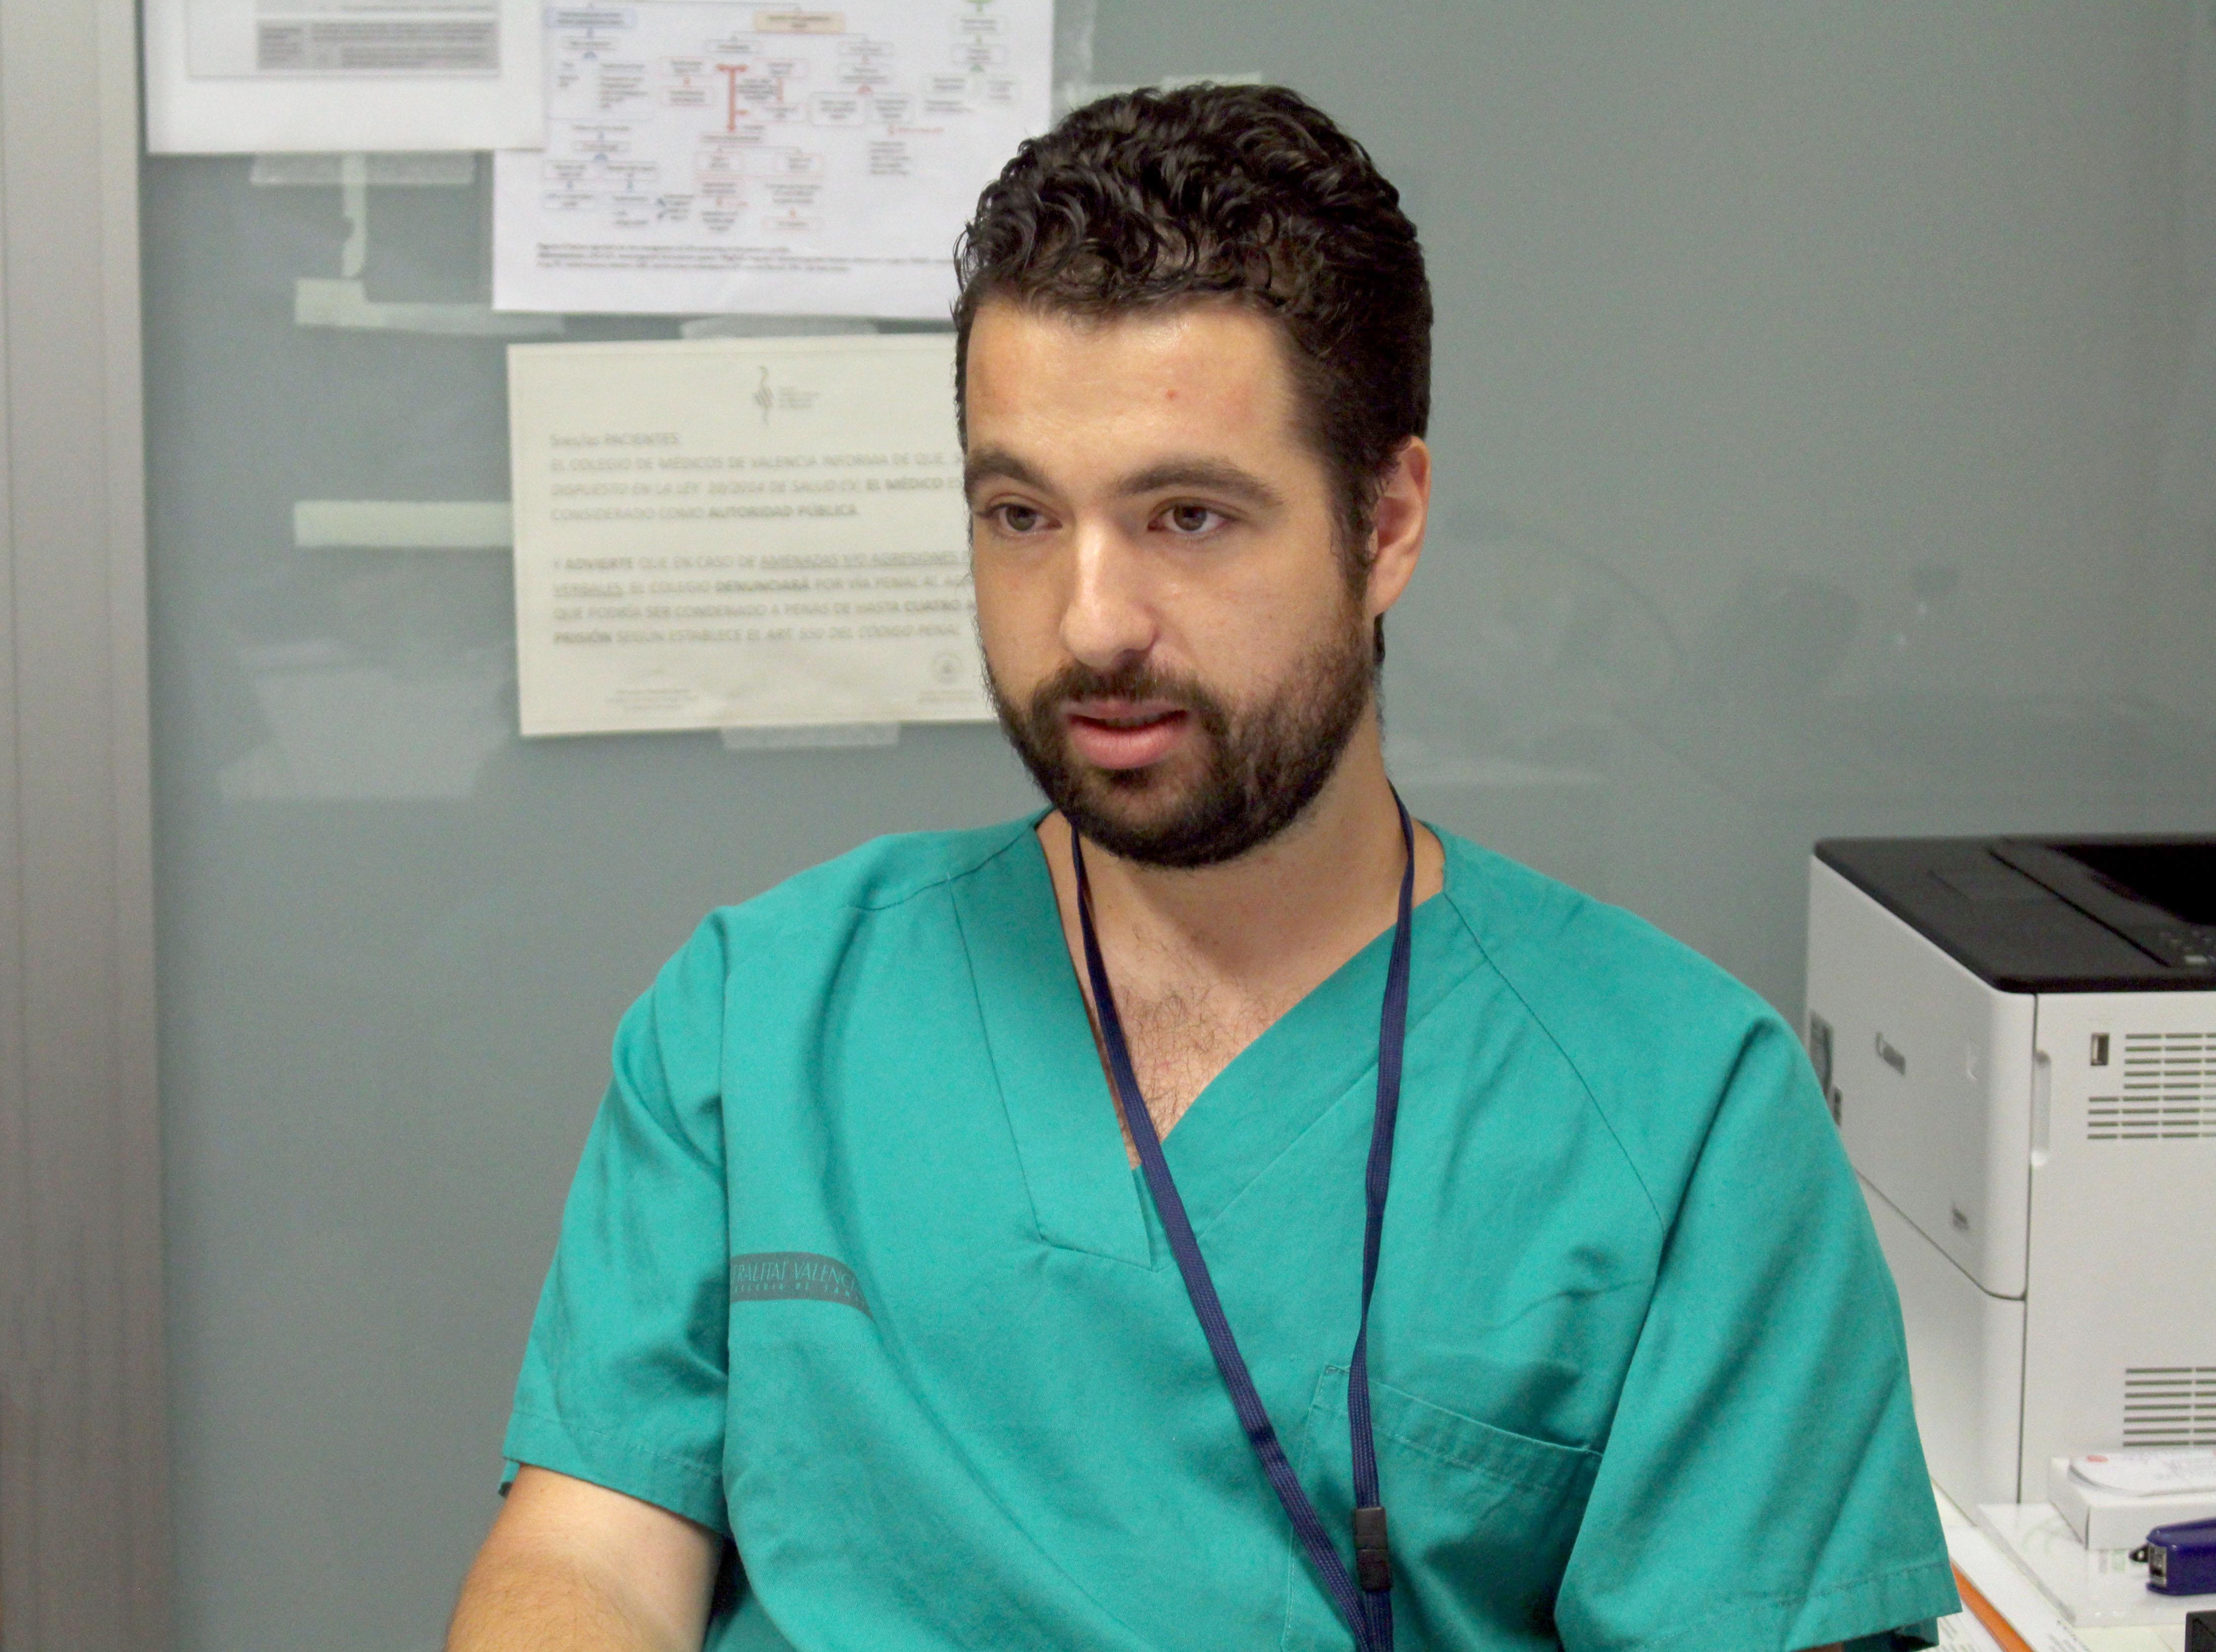 Manuel Duarte afirma que cuando vio su primer parto se dio cuenta de la especialidad que escogería.